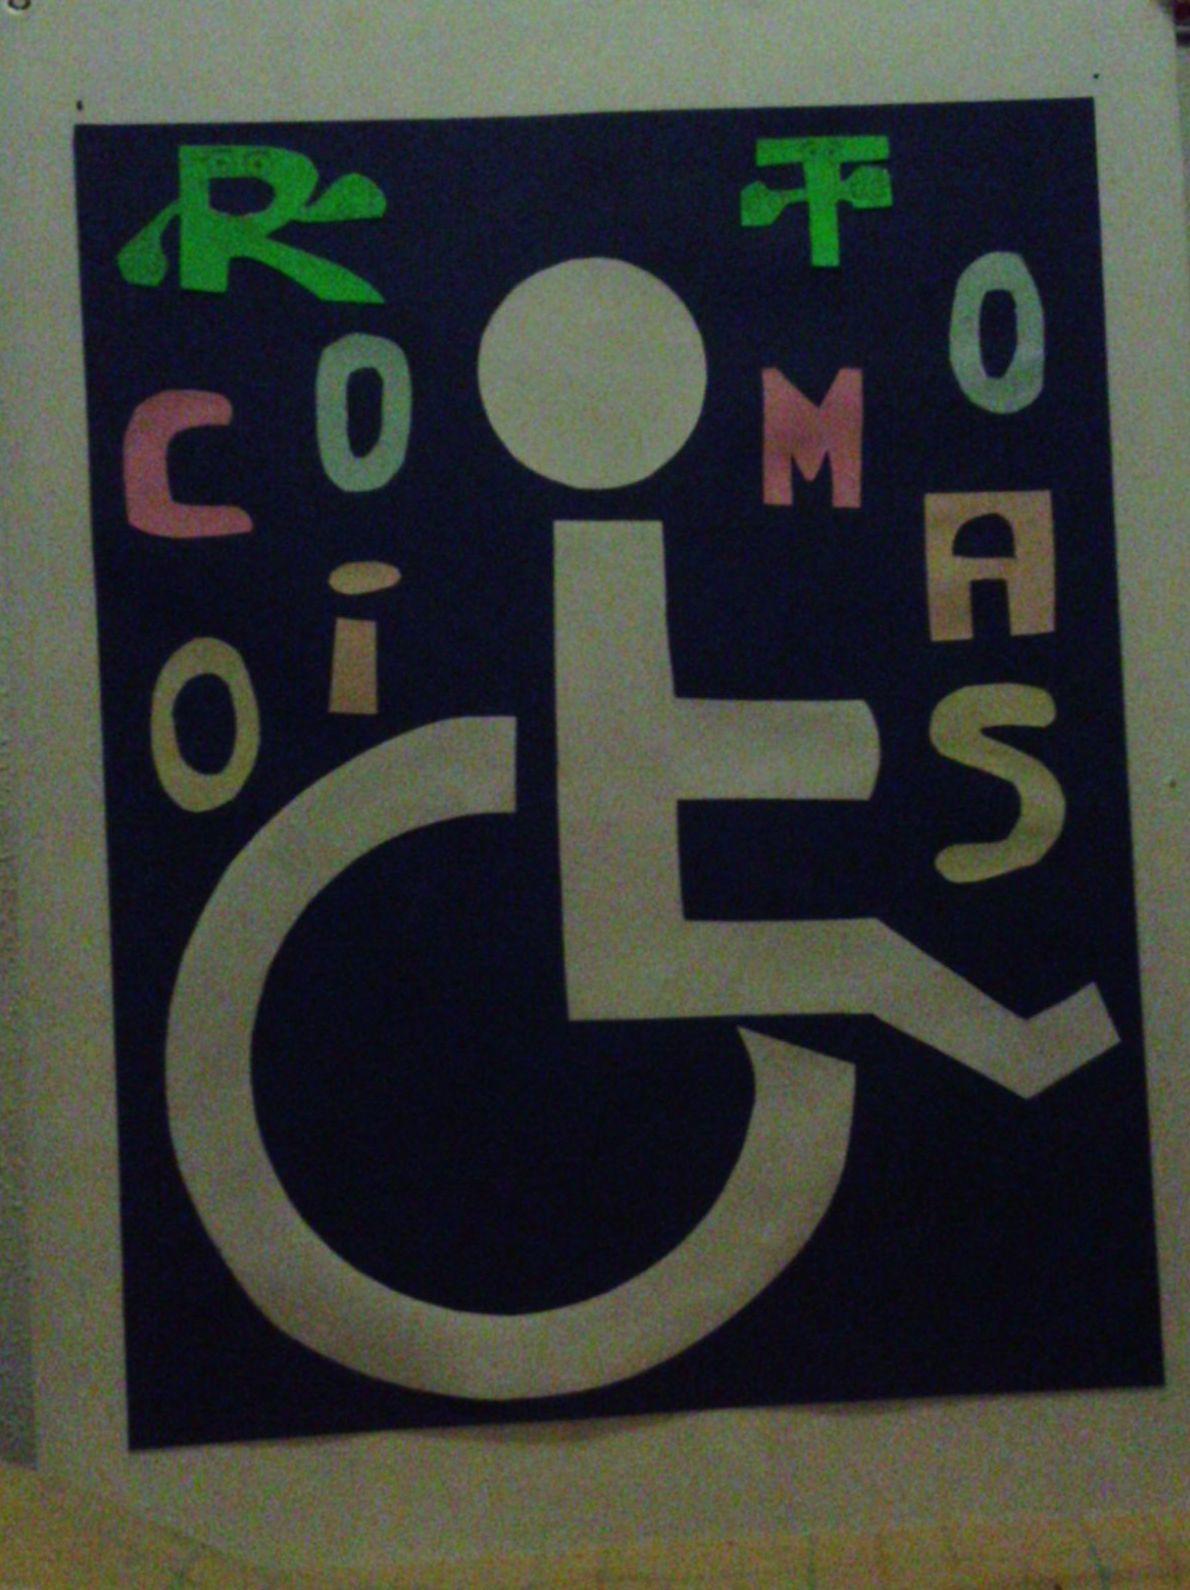 Foto 69 de Asociación de discapacitados en Málaga | Adisma